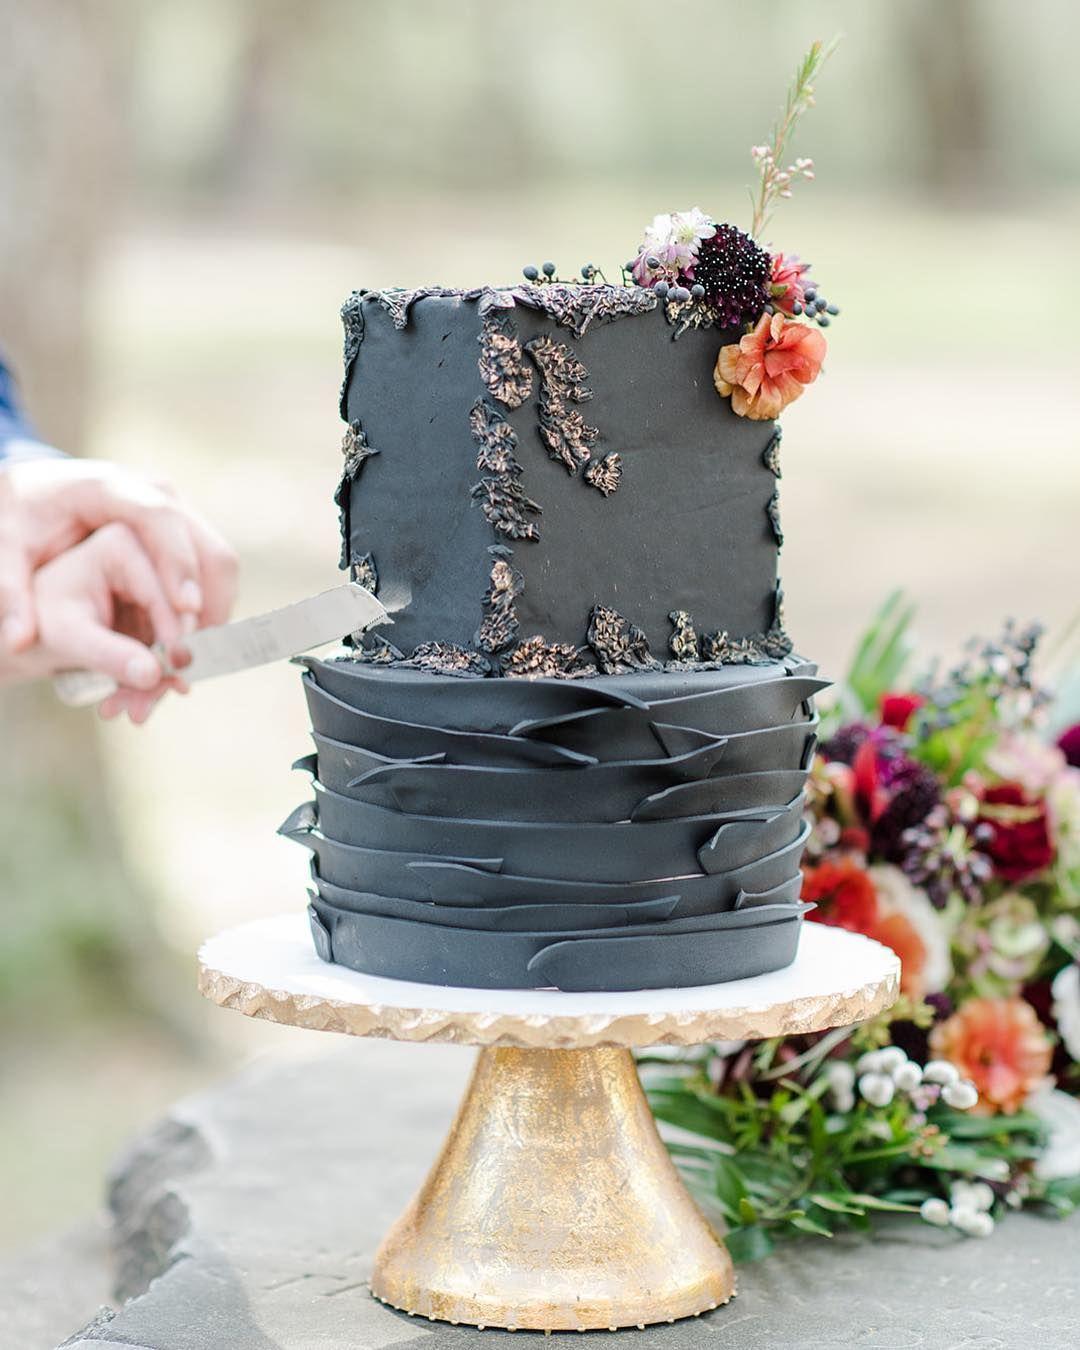 100 Pretty Wedding Cakes To Inspire You - wedding cake ideas #weddingcake #cake #rusticweddingcake #weddingcakes #nakedweddingcake